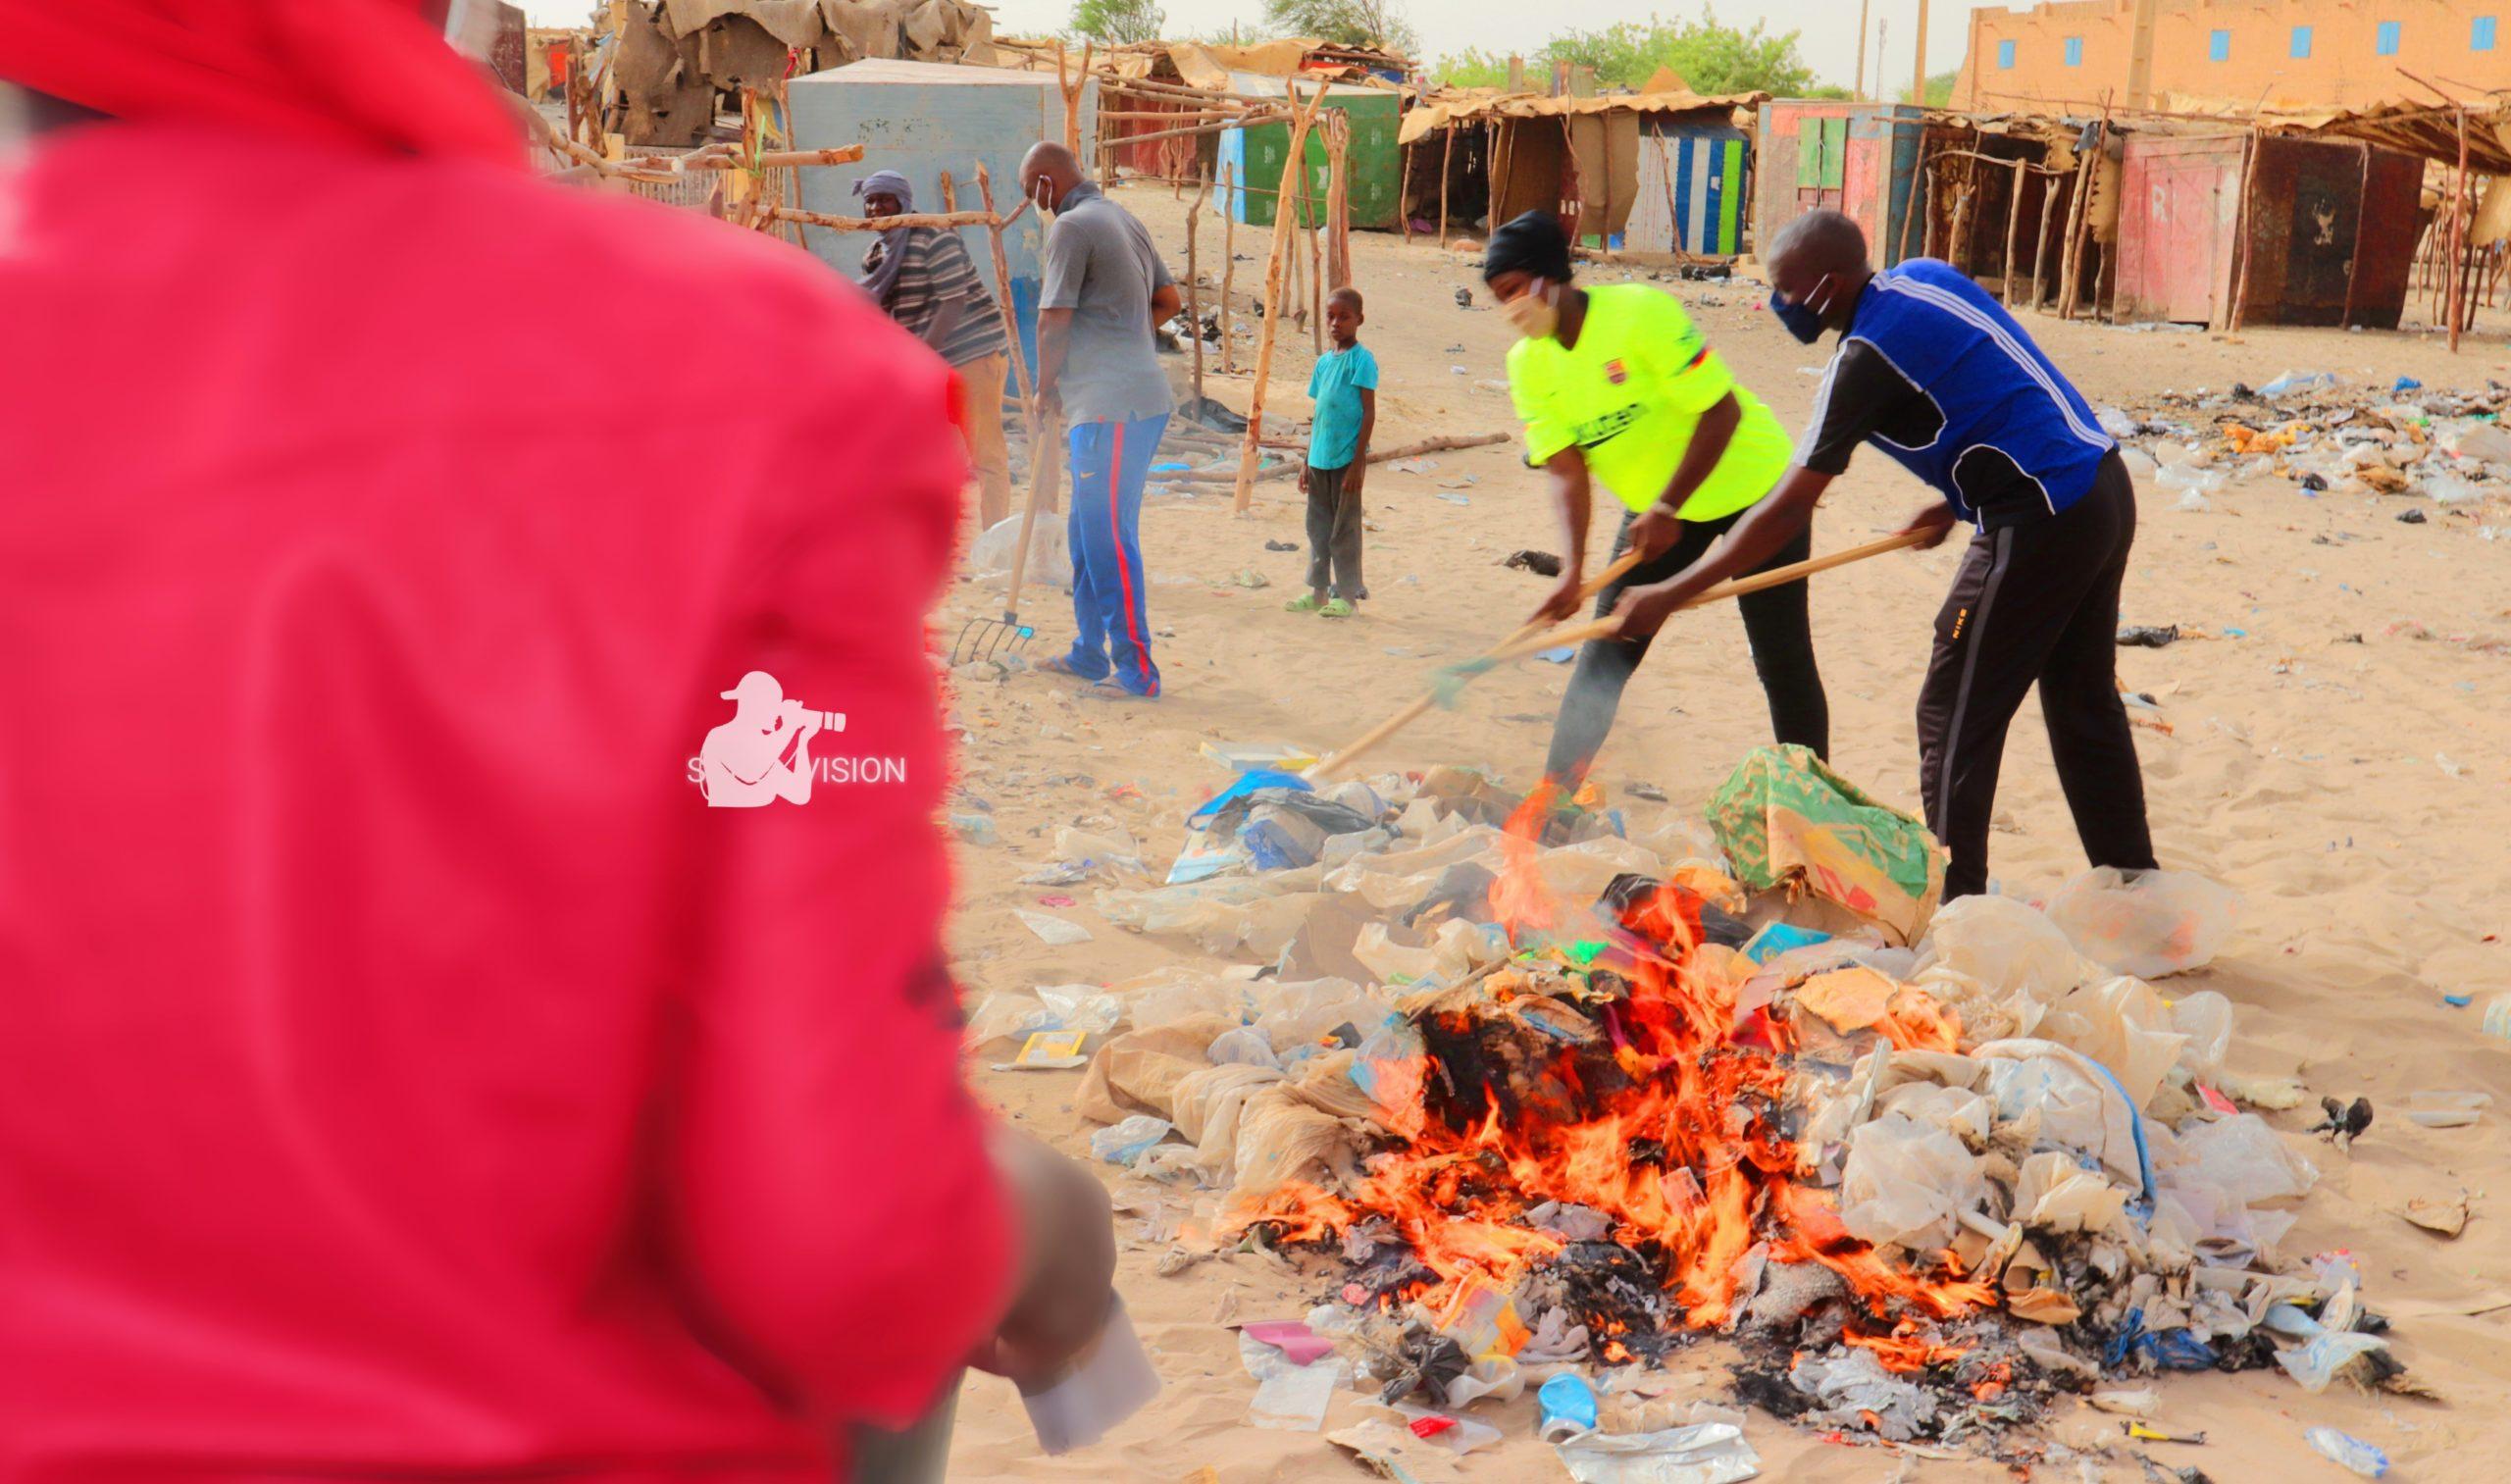 Le comité des jeunes de Sankoré face aux bassins de Billy Bangou!